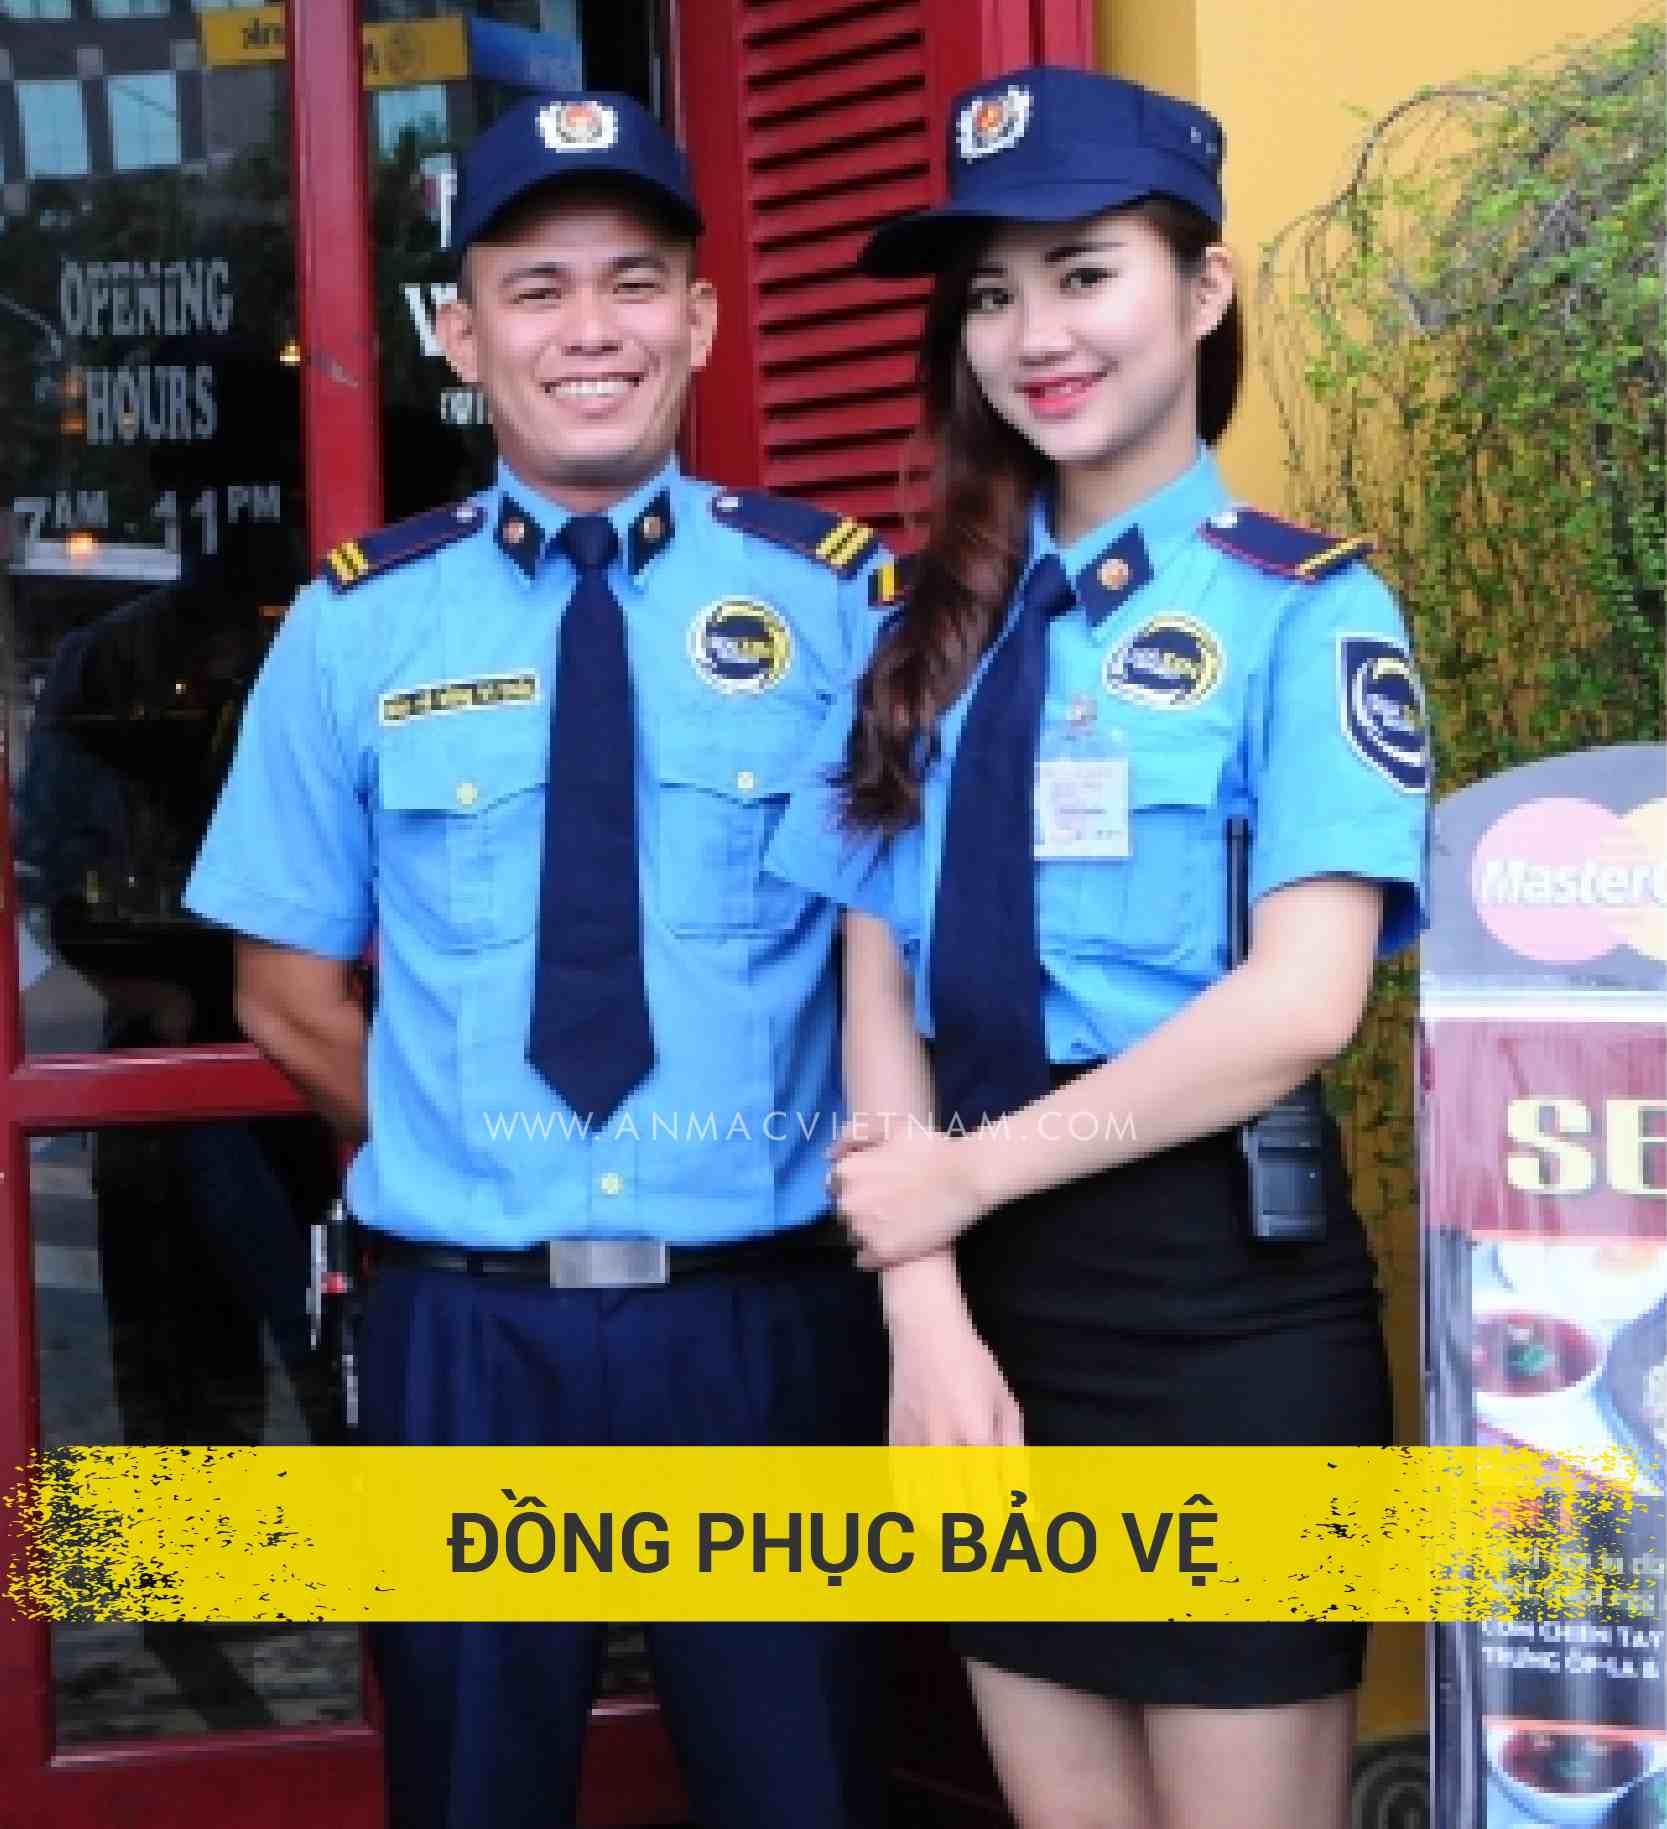 dong-phuc-bao-ve-1 Danh mục sản phẩm theo ngành